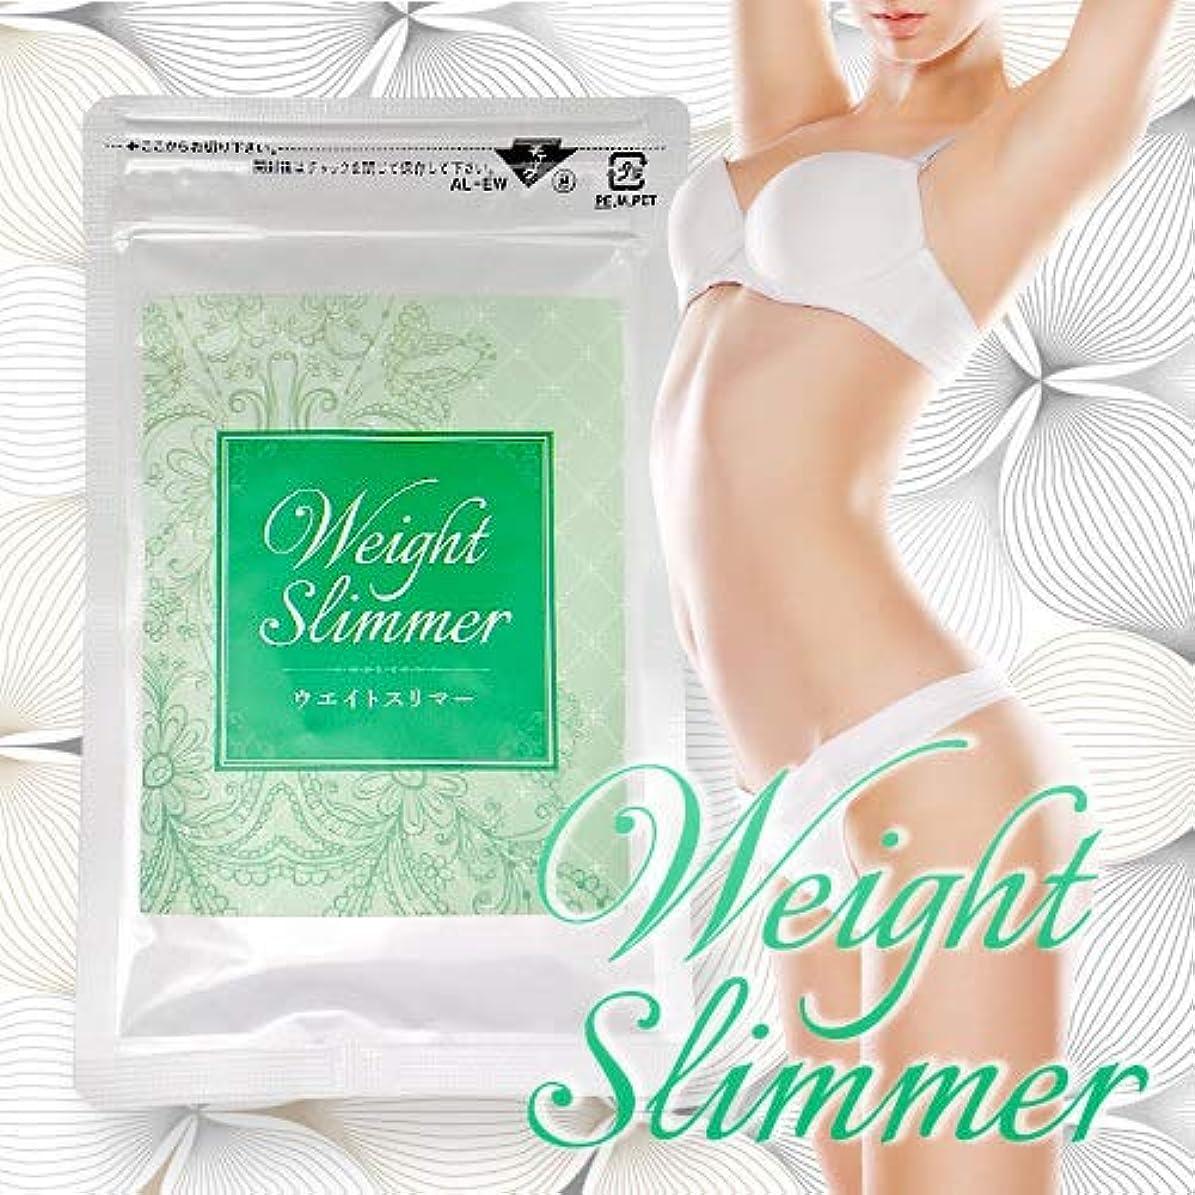 レオナルドダ保護インドウェイトスリマー Weight Slimmer ダイエット ダイエットサプリメント